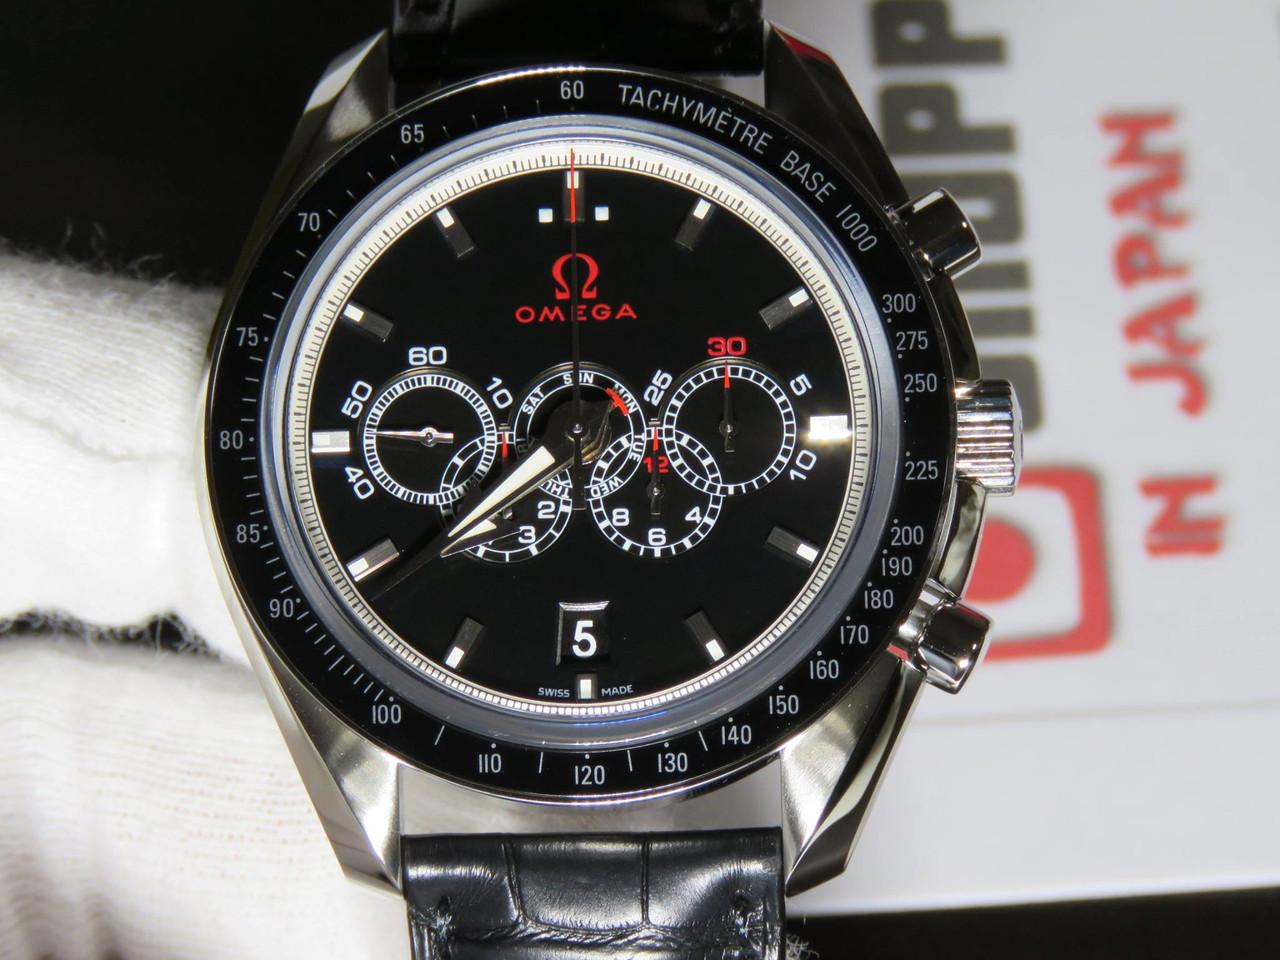 Omega Speedmaster Olympic 321.33.44.52.01.001